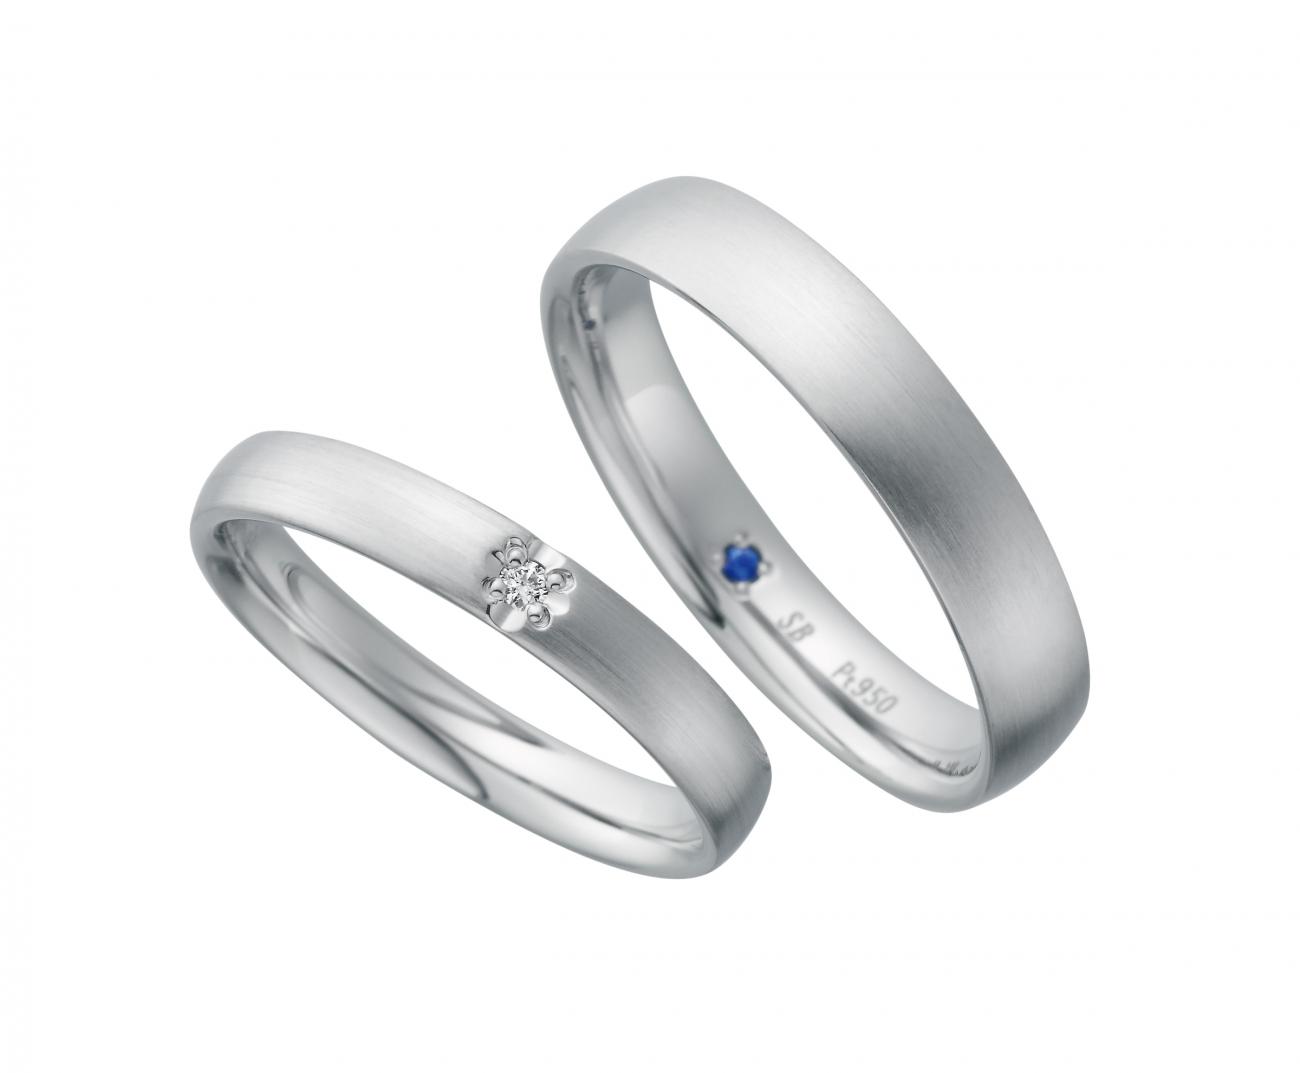 サムシングブルーのシンプルなプラチナリングは新潟の花嫁に人気